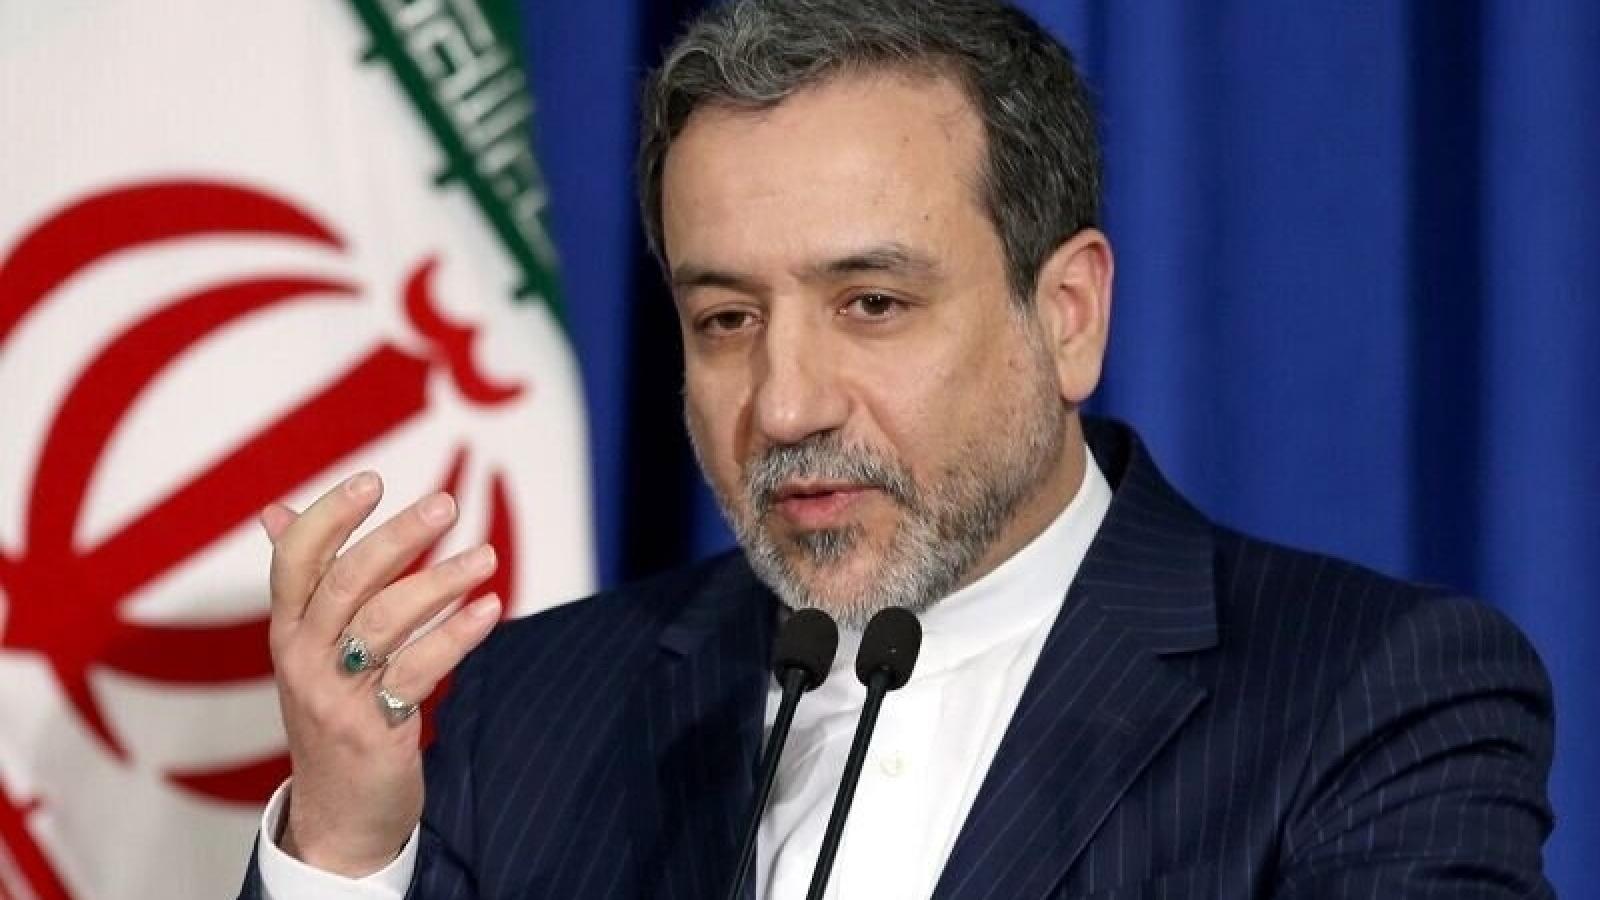 Mỹ và Iran có khởi đầu tích cực trong vấn đề hạt nhân, khó khăn vẫn ở phía trước